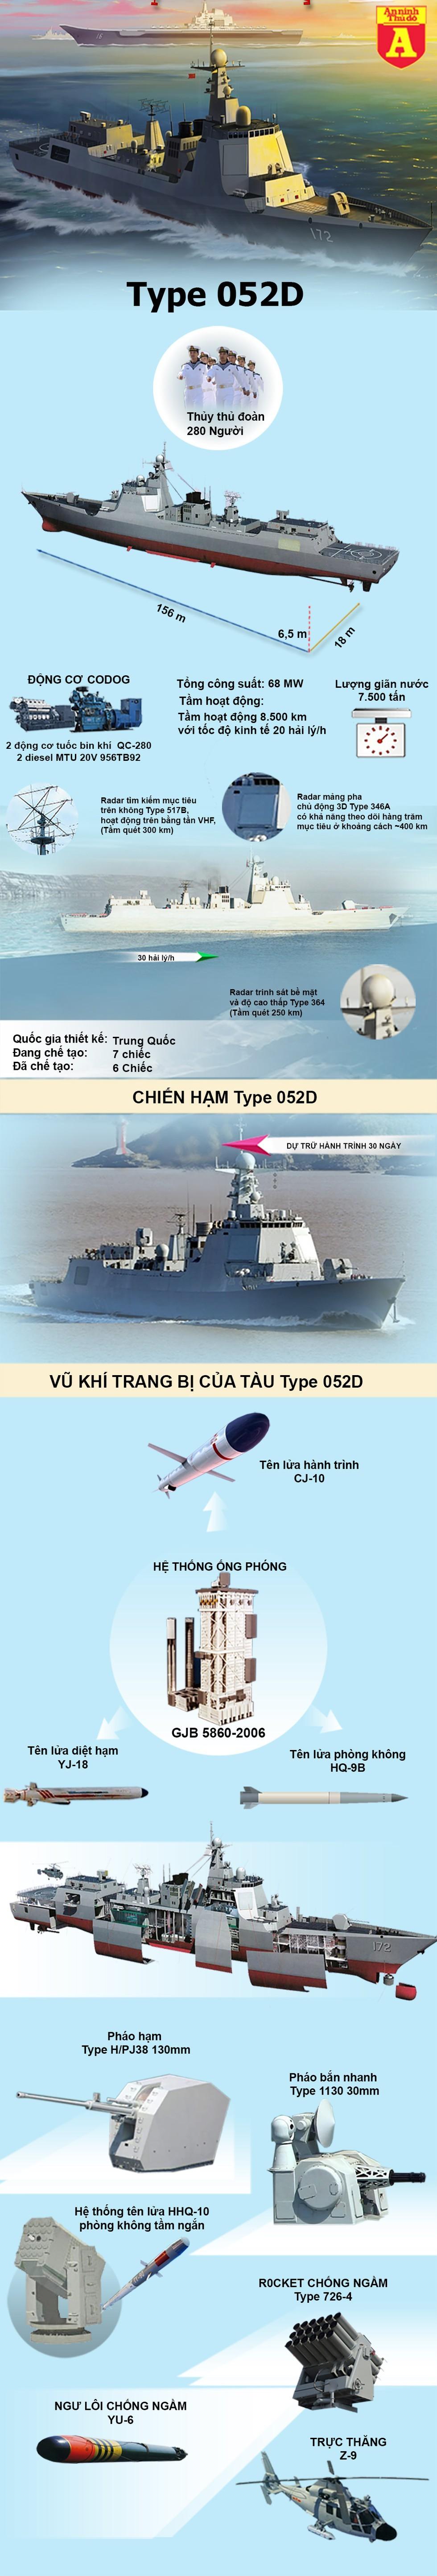 [Info] Chiến hạm mạnh nhất Trung Quốc thua đau nếu đối đầu Mỹ tại Biển Đông ảnh 3